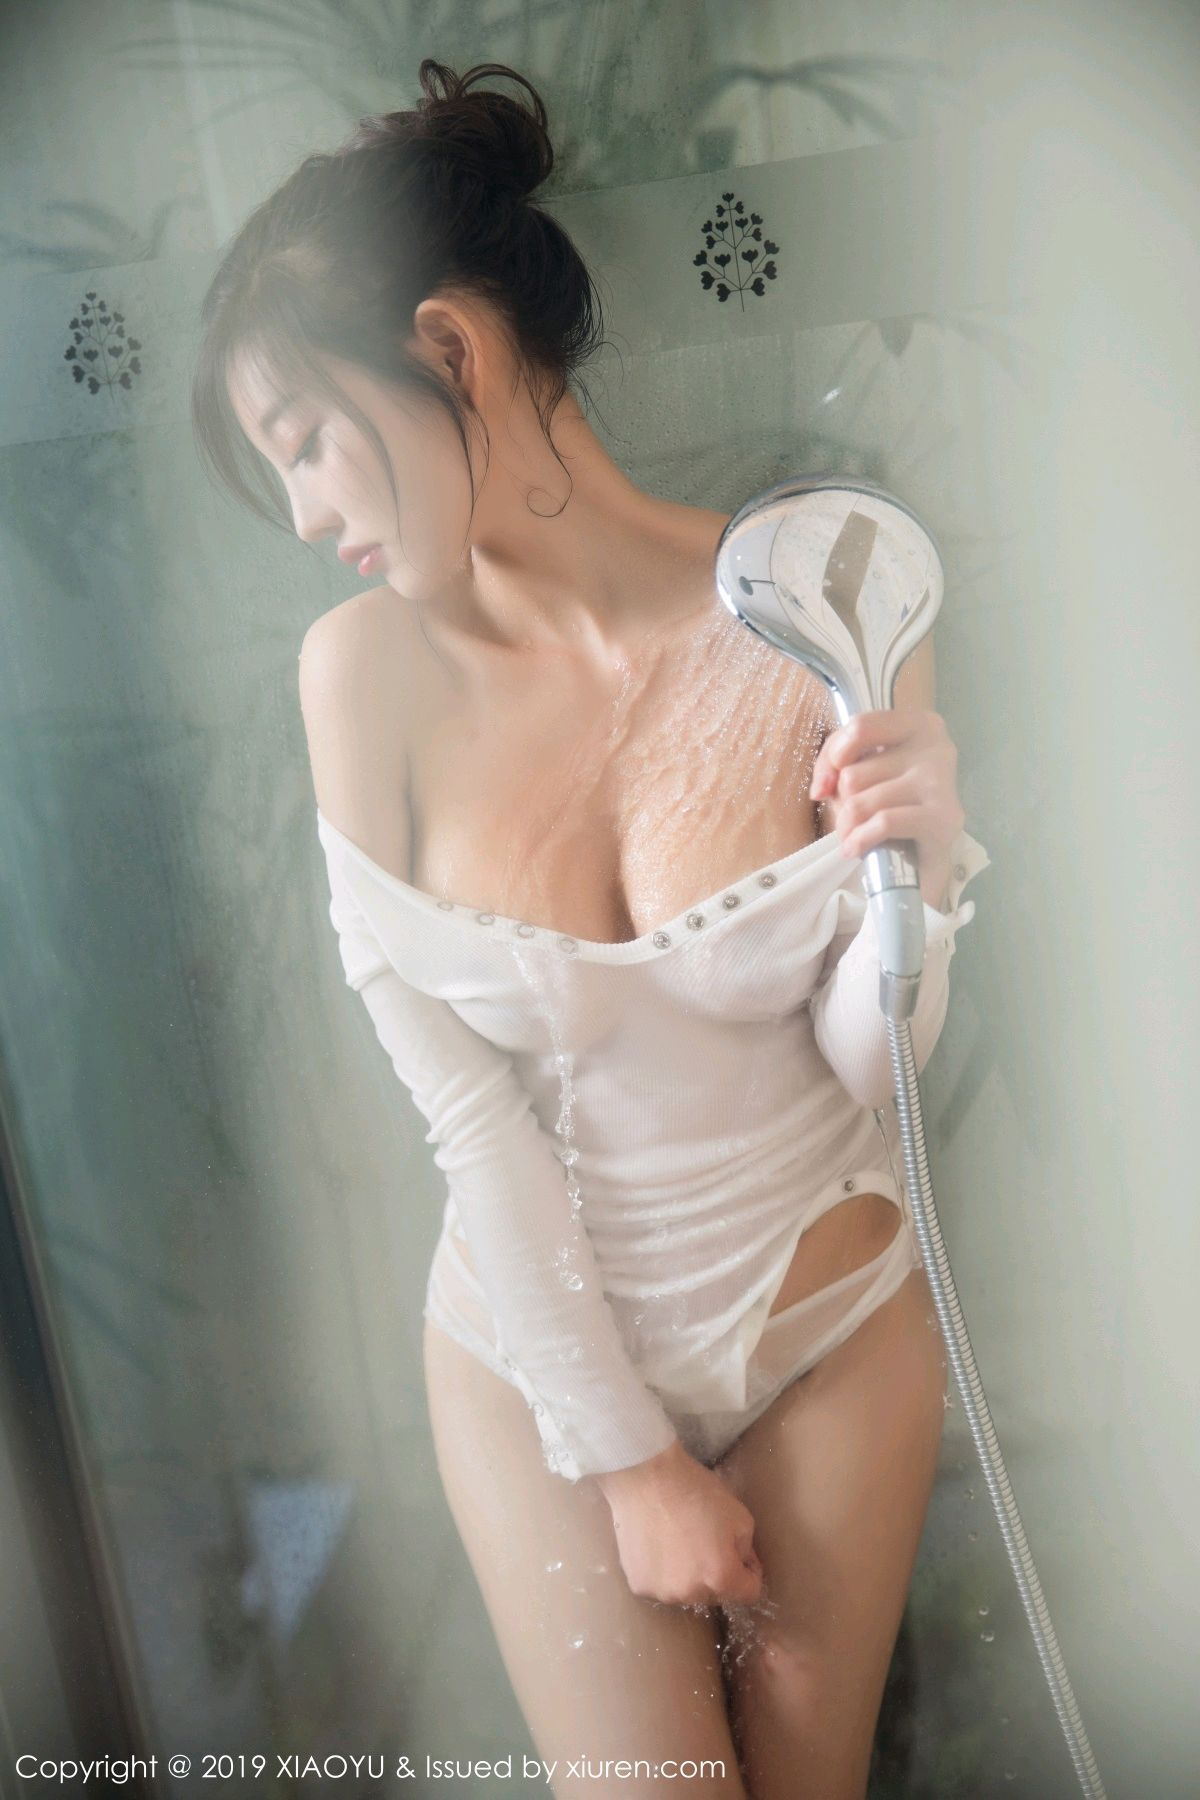 [XiaoYu] Vol.025 Yang Chen Chen 59P, Bathroom, Wet, XiaoYu, Yang Chen Chen